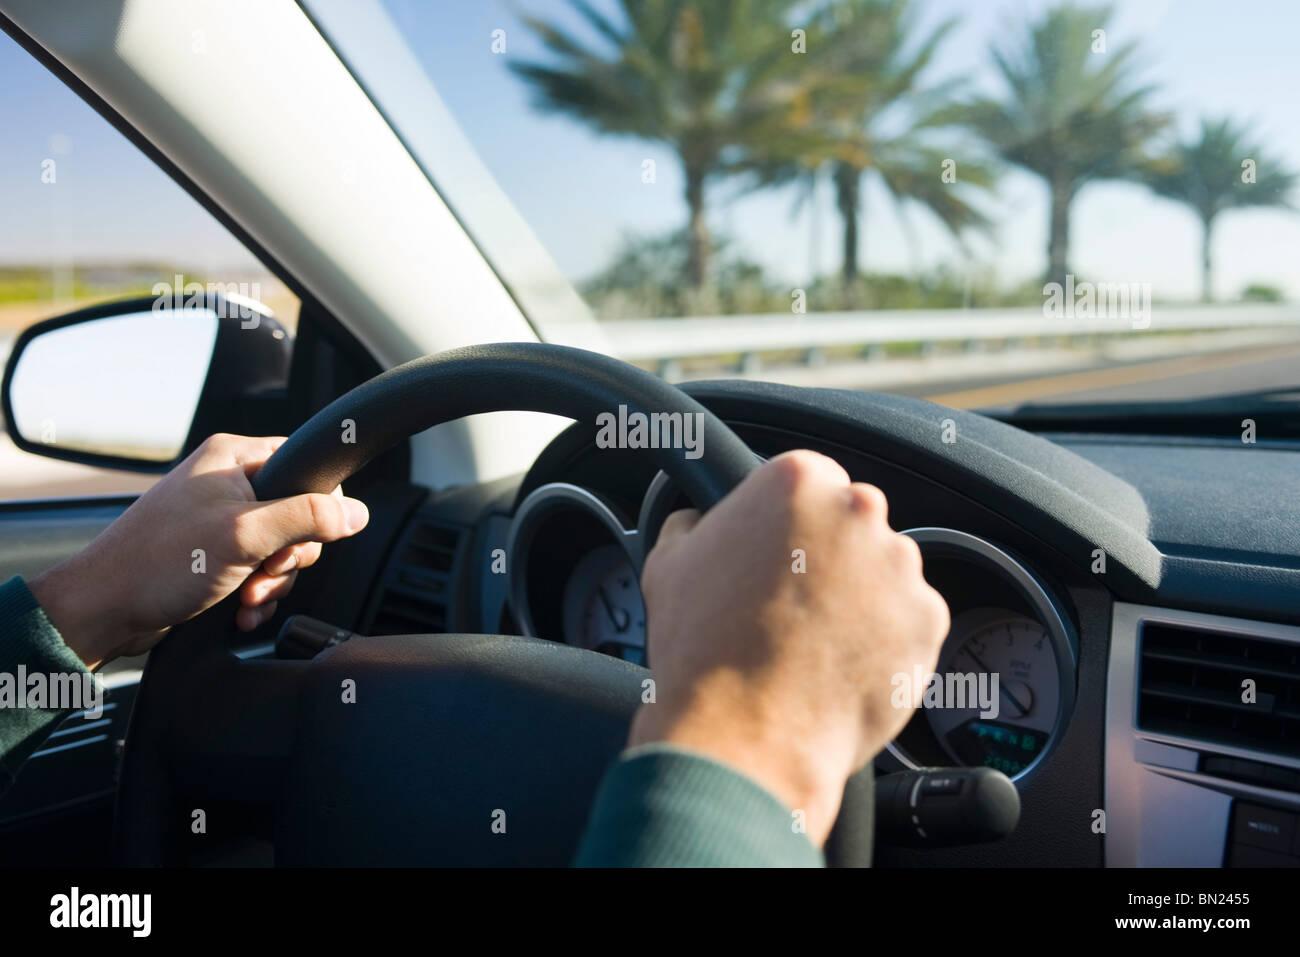 La guida con entrambe le mani sul volante Immagini Stock